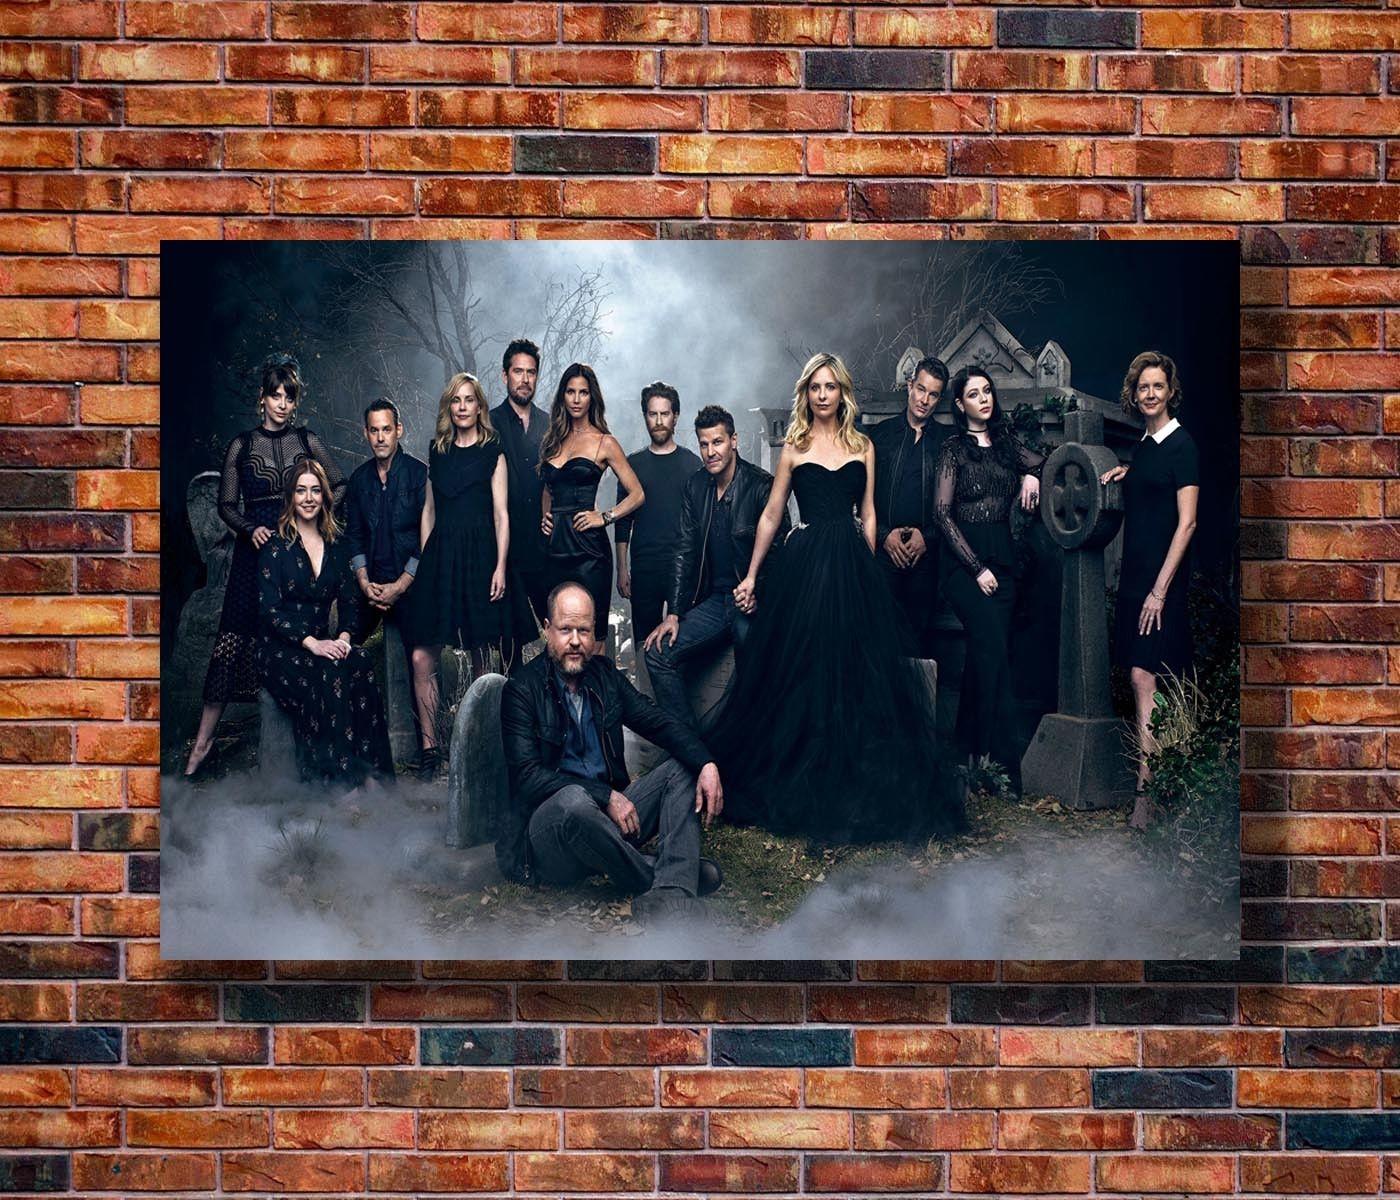 Q0322 pósteres e impresiones Reunion the Vampire Slayer reunión 2017 Serie de TV Play Póster Artístico de lienzo pintura decoración del hogar